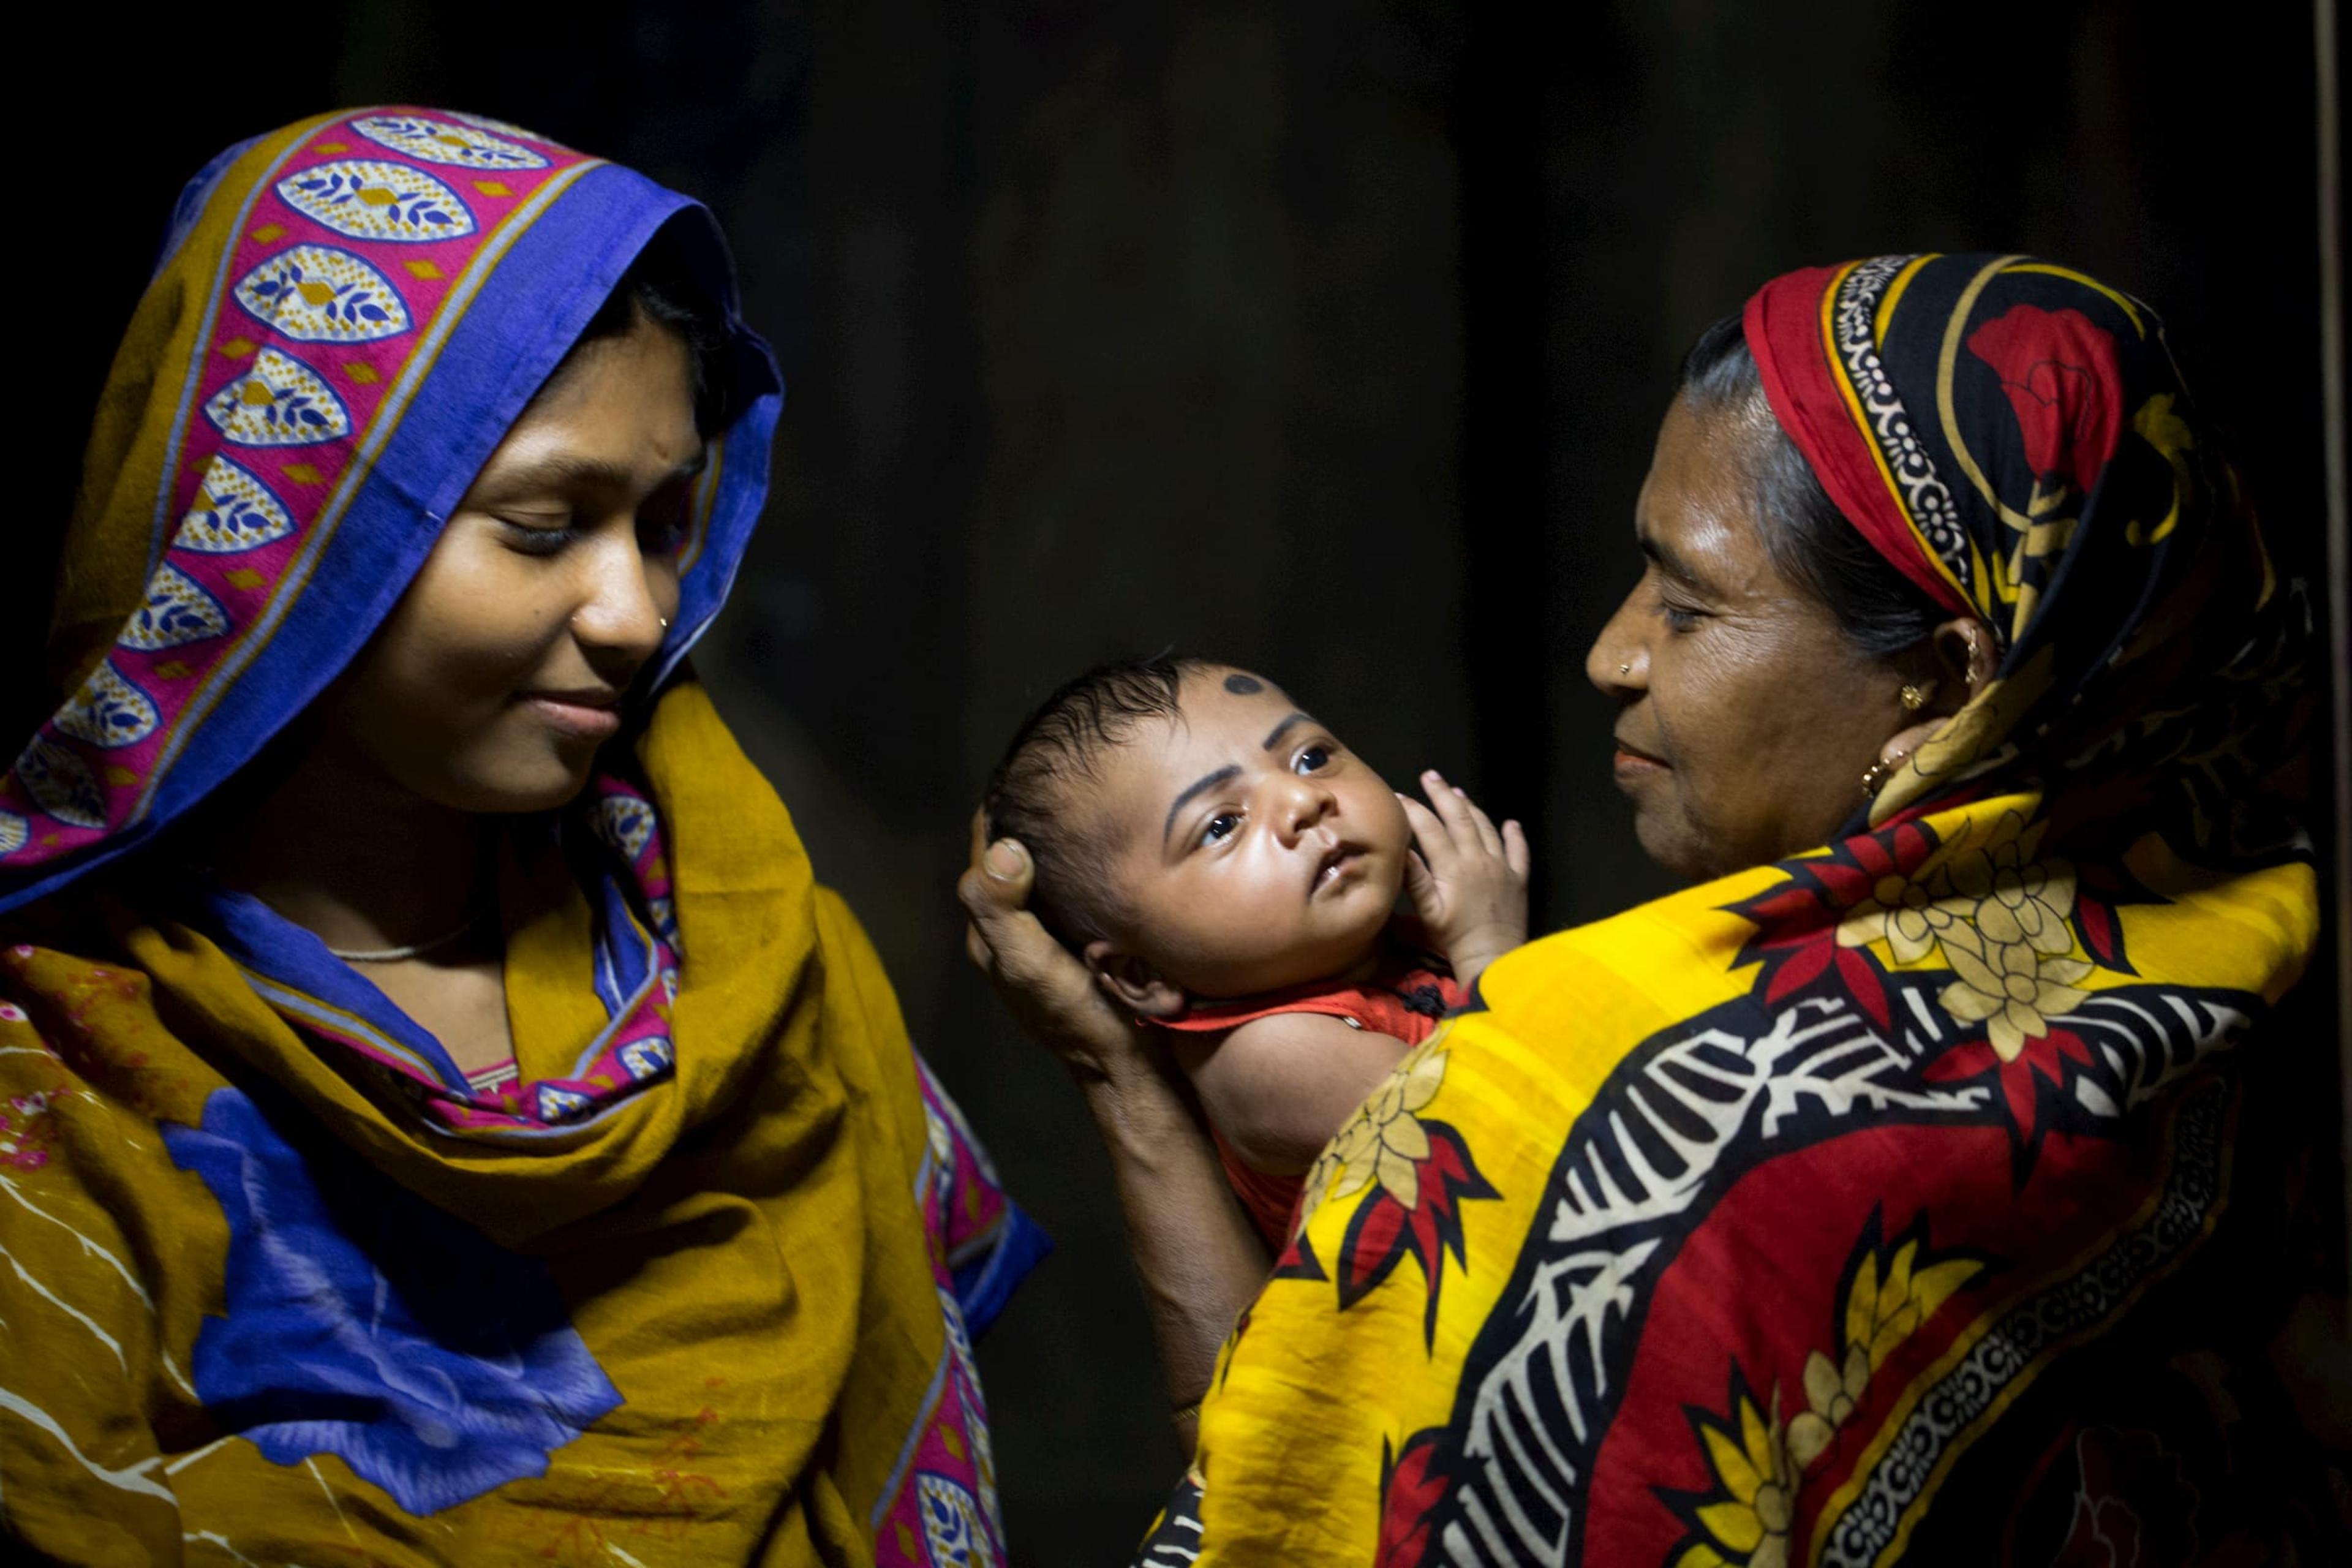 © UNICEF/UN0233070/Mawa